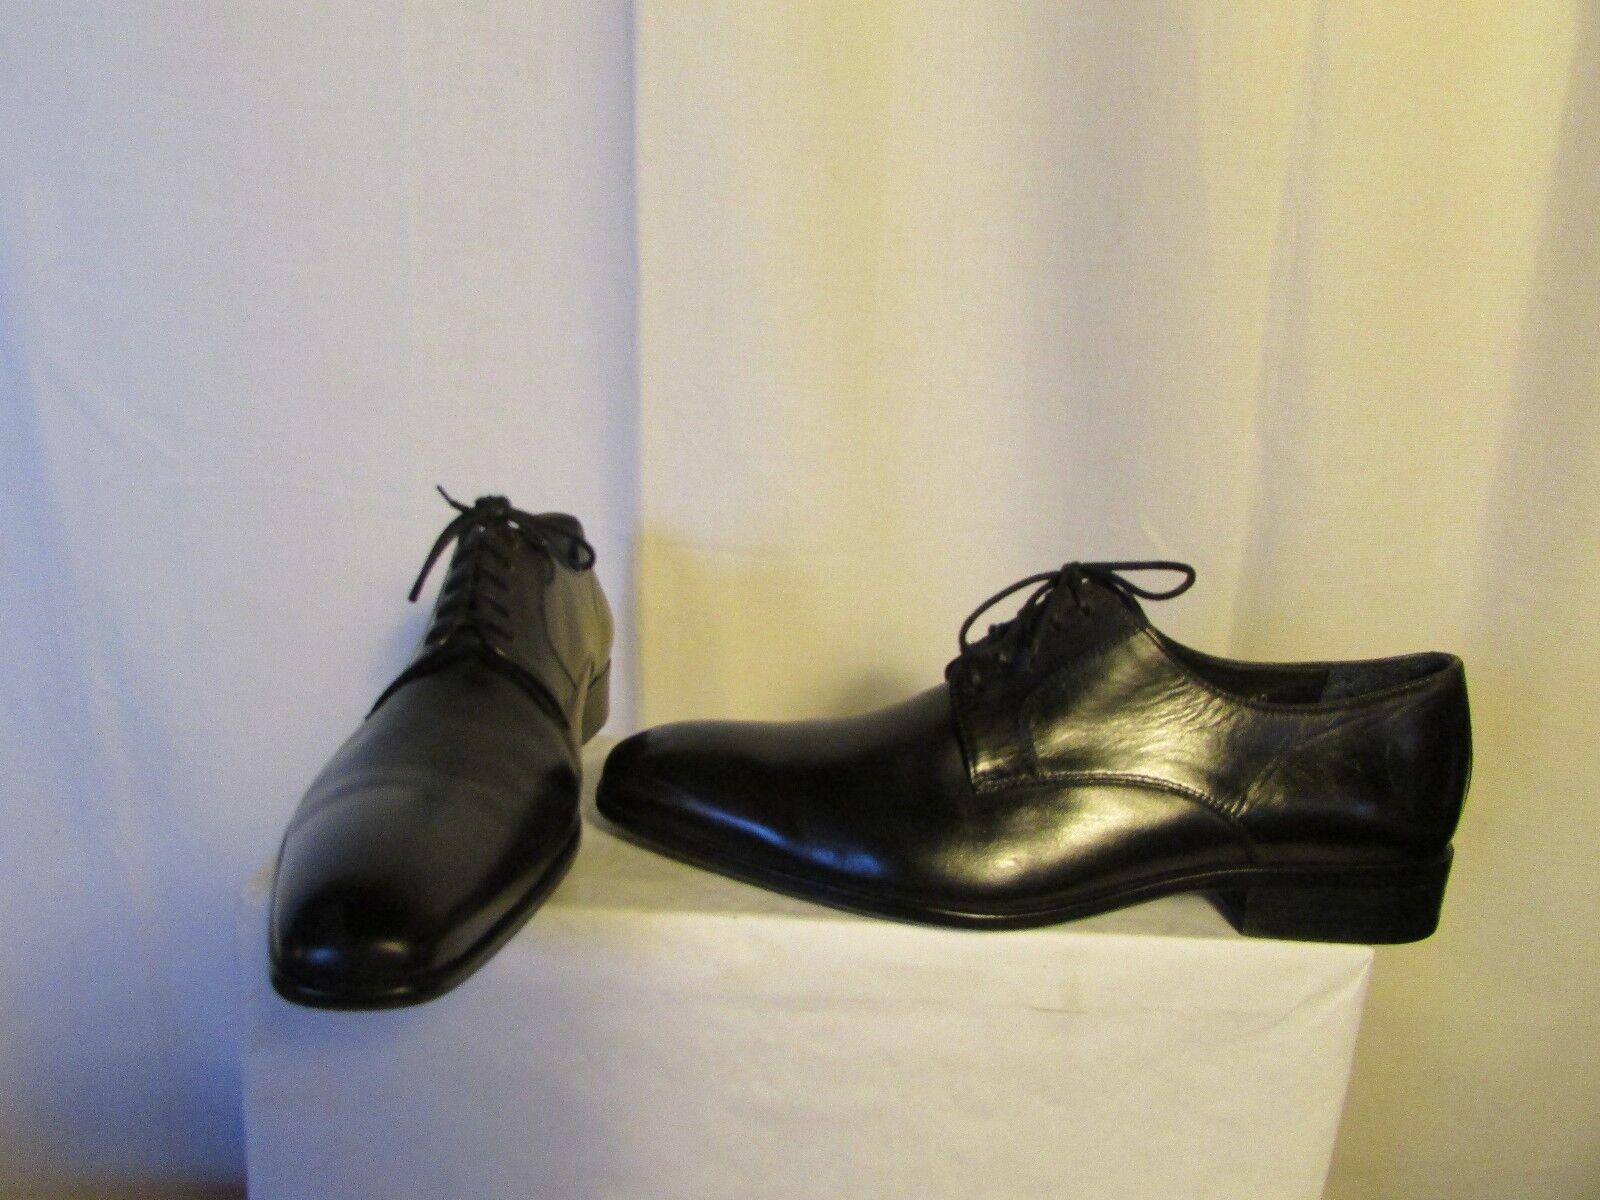 Scarpe nera Chiara & giovanni pelle nera Scarpe 40 6fb17c